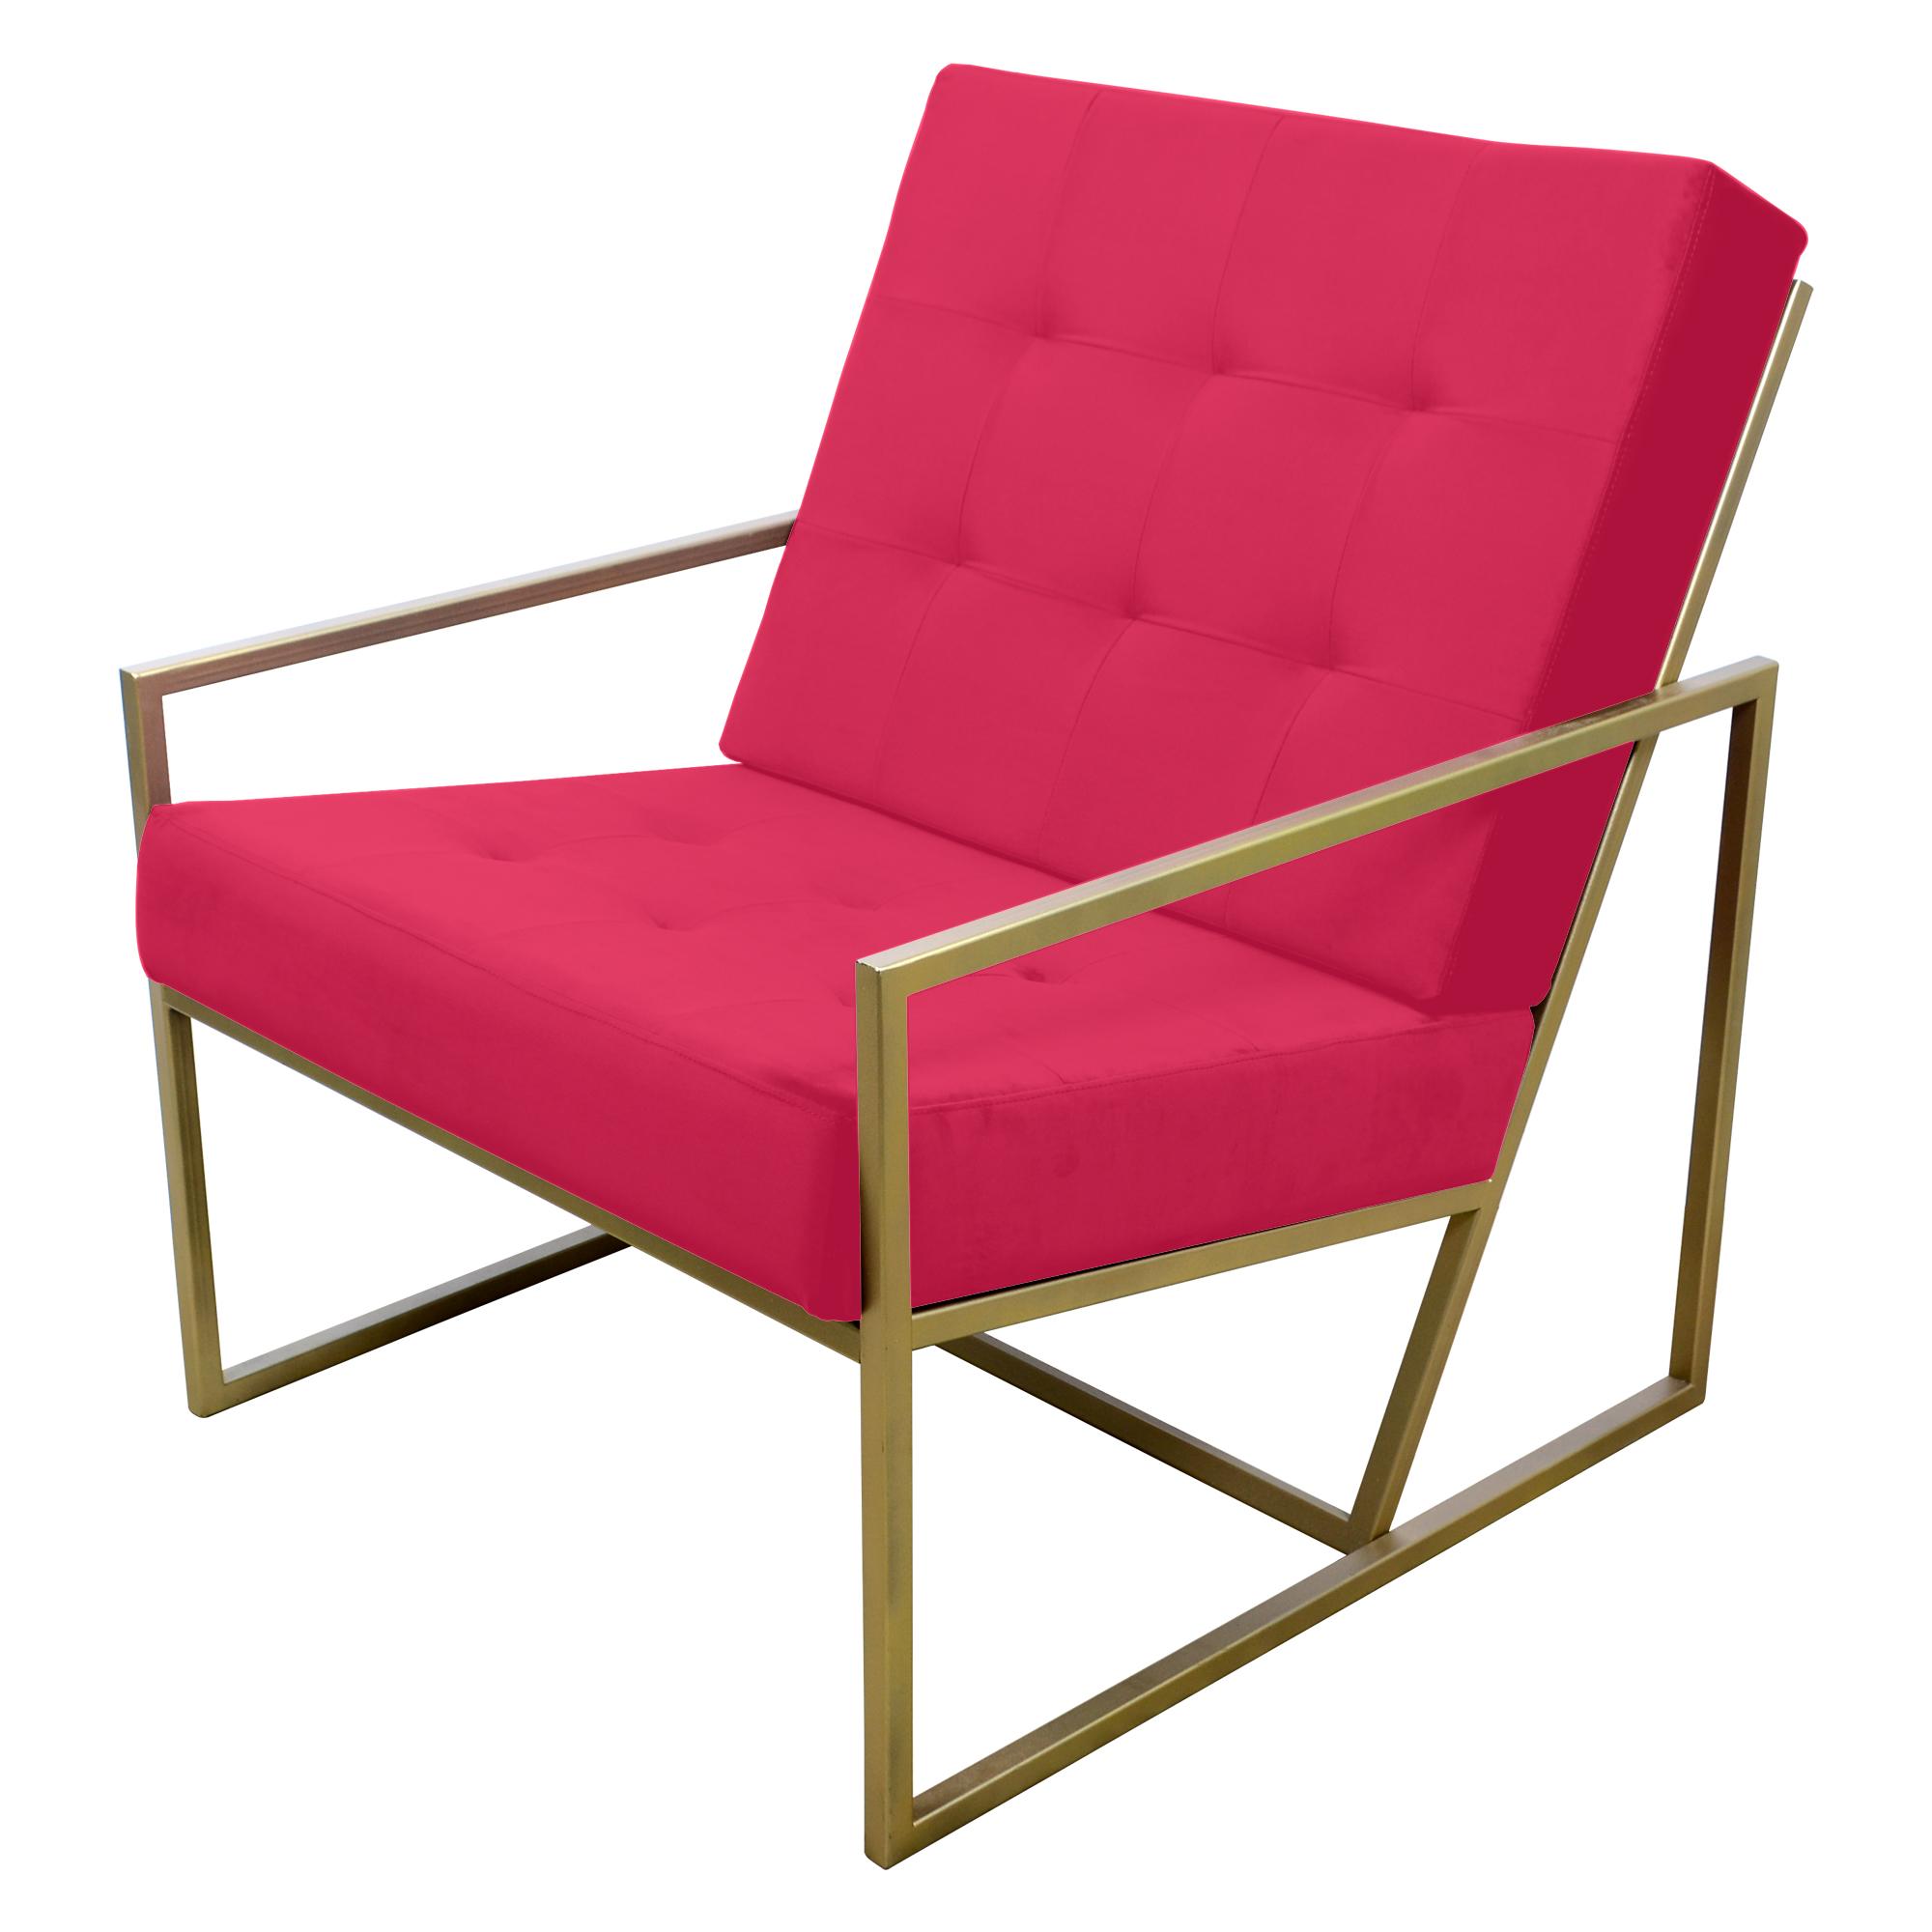 Poltrona de ferro dourado com tecido rosa